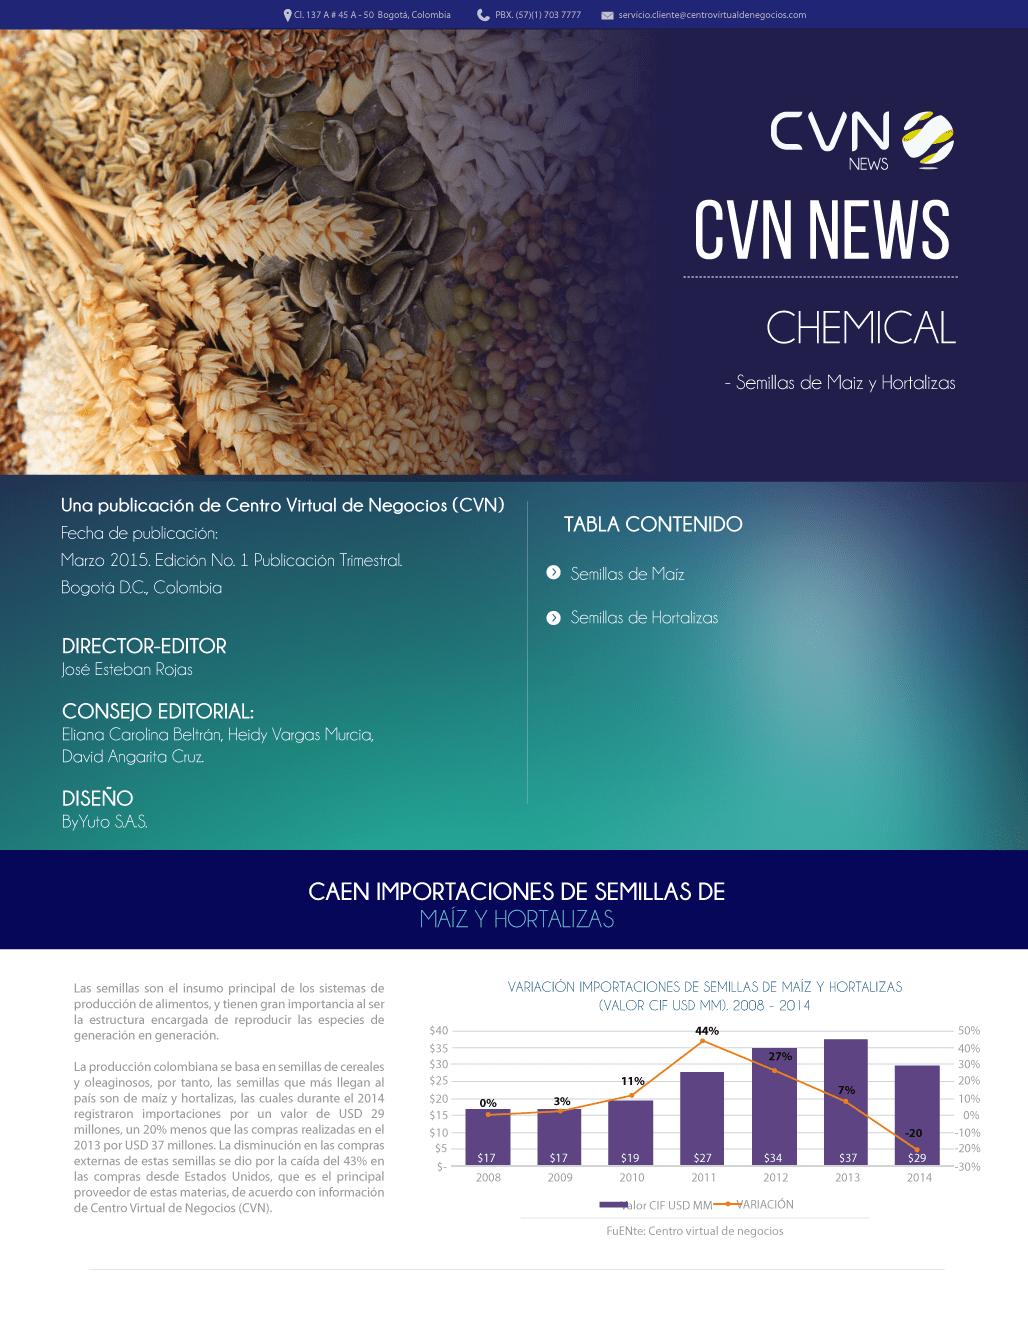 Semillas de maíz – Hortalizas